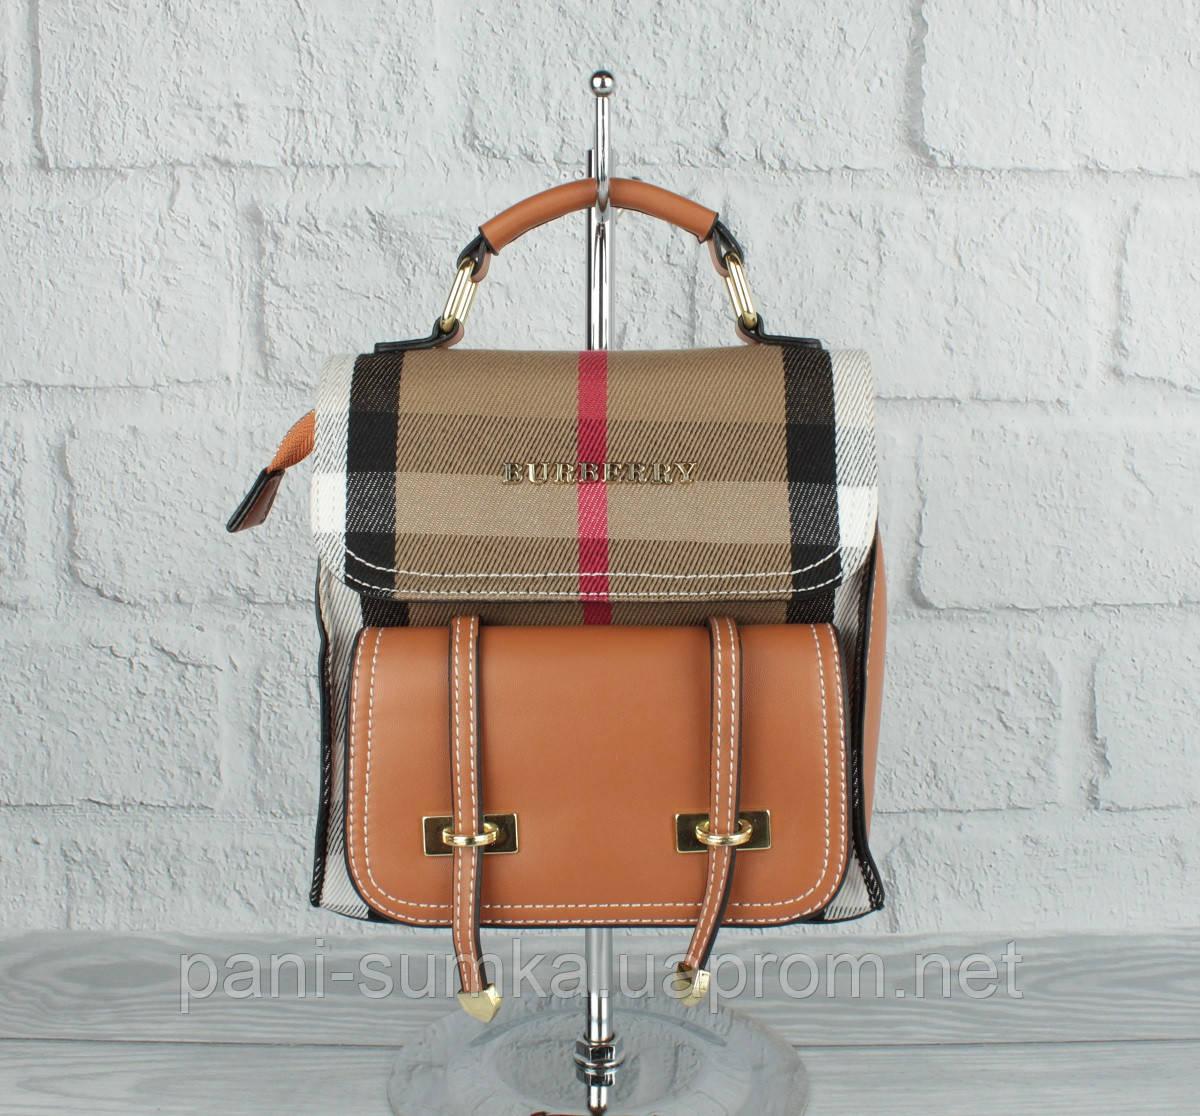 Стильный мини рюкзак-сумка Burb. 86122 в клетку коричневый